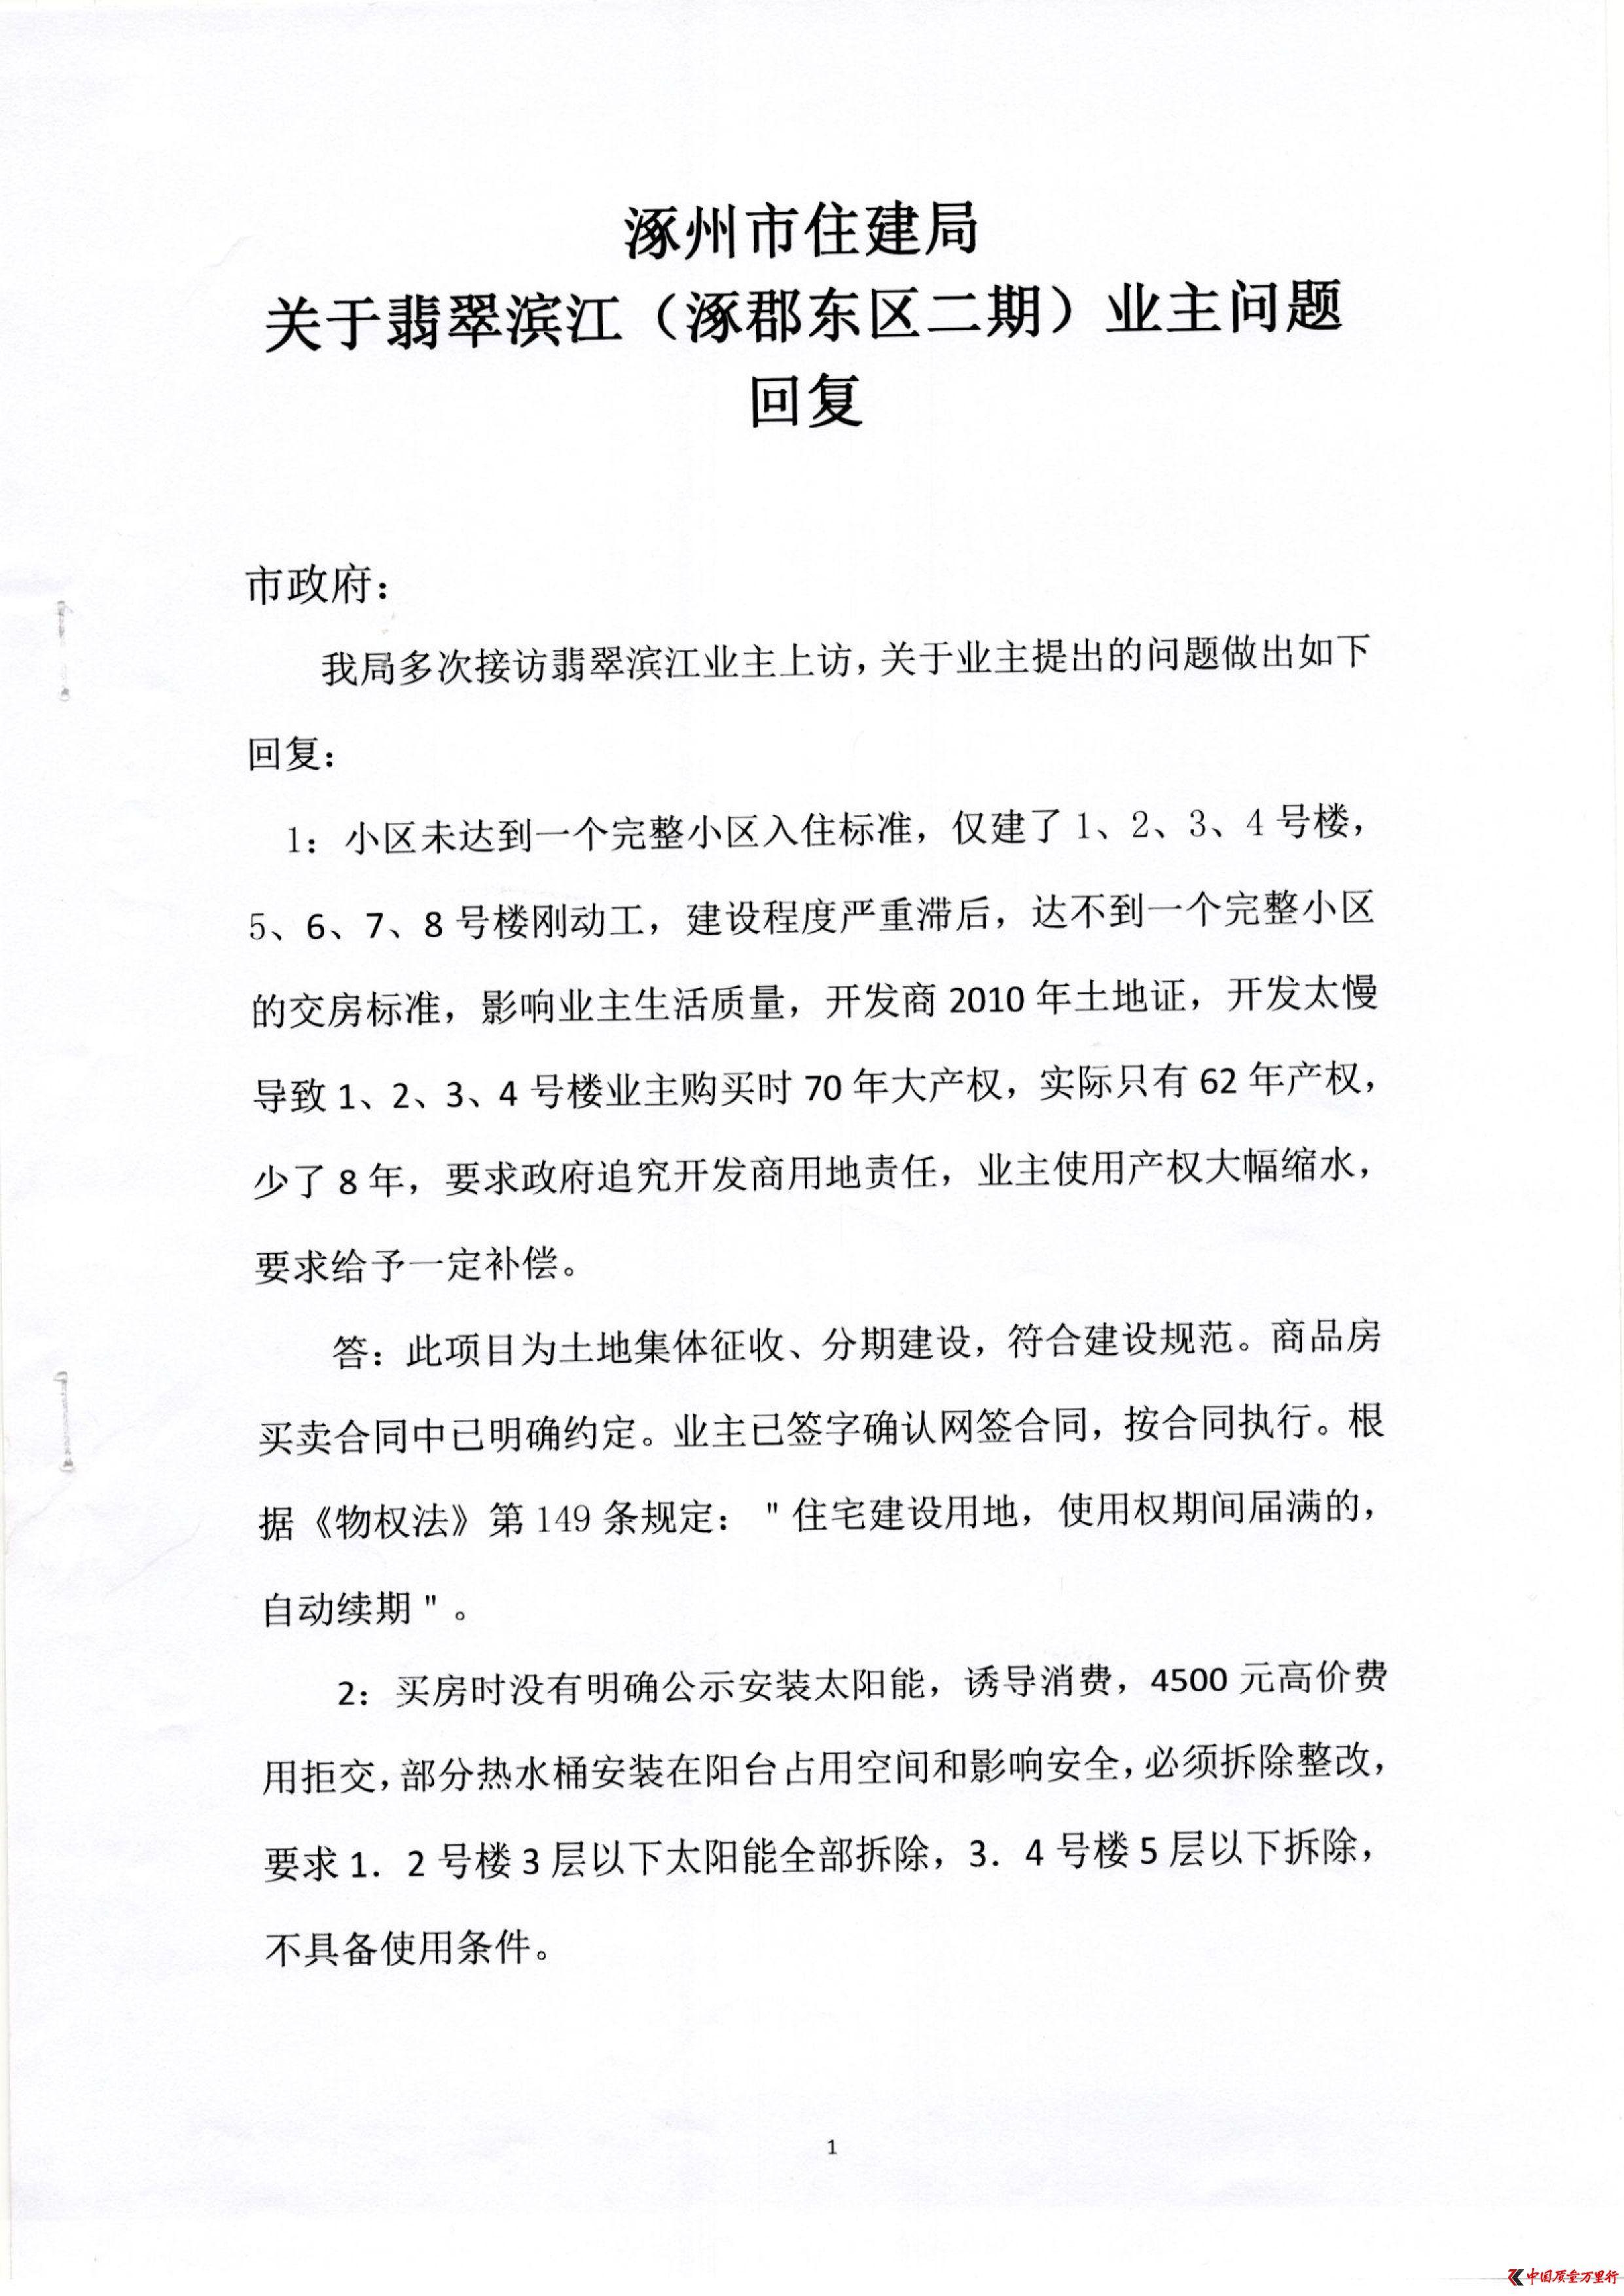 远方名流翡翠滨江小区集体维权 引河北省涿州市政府重视